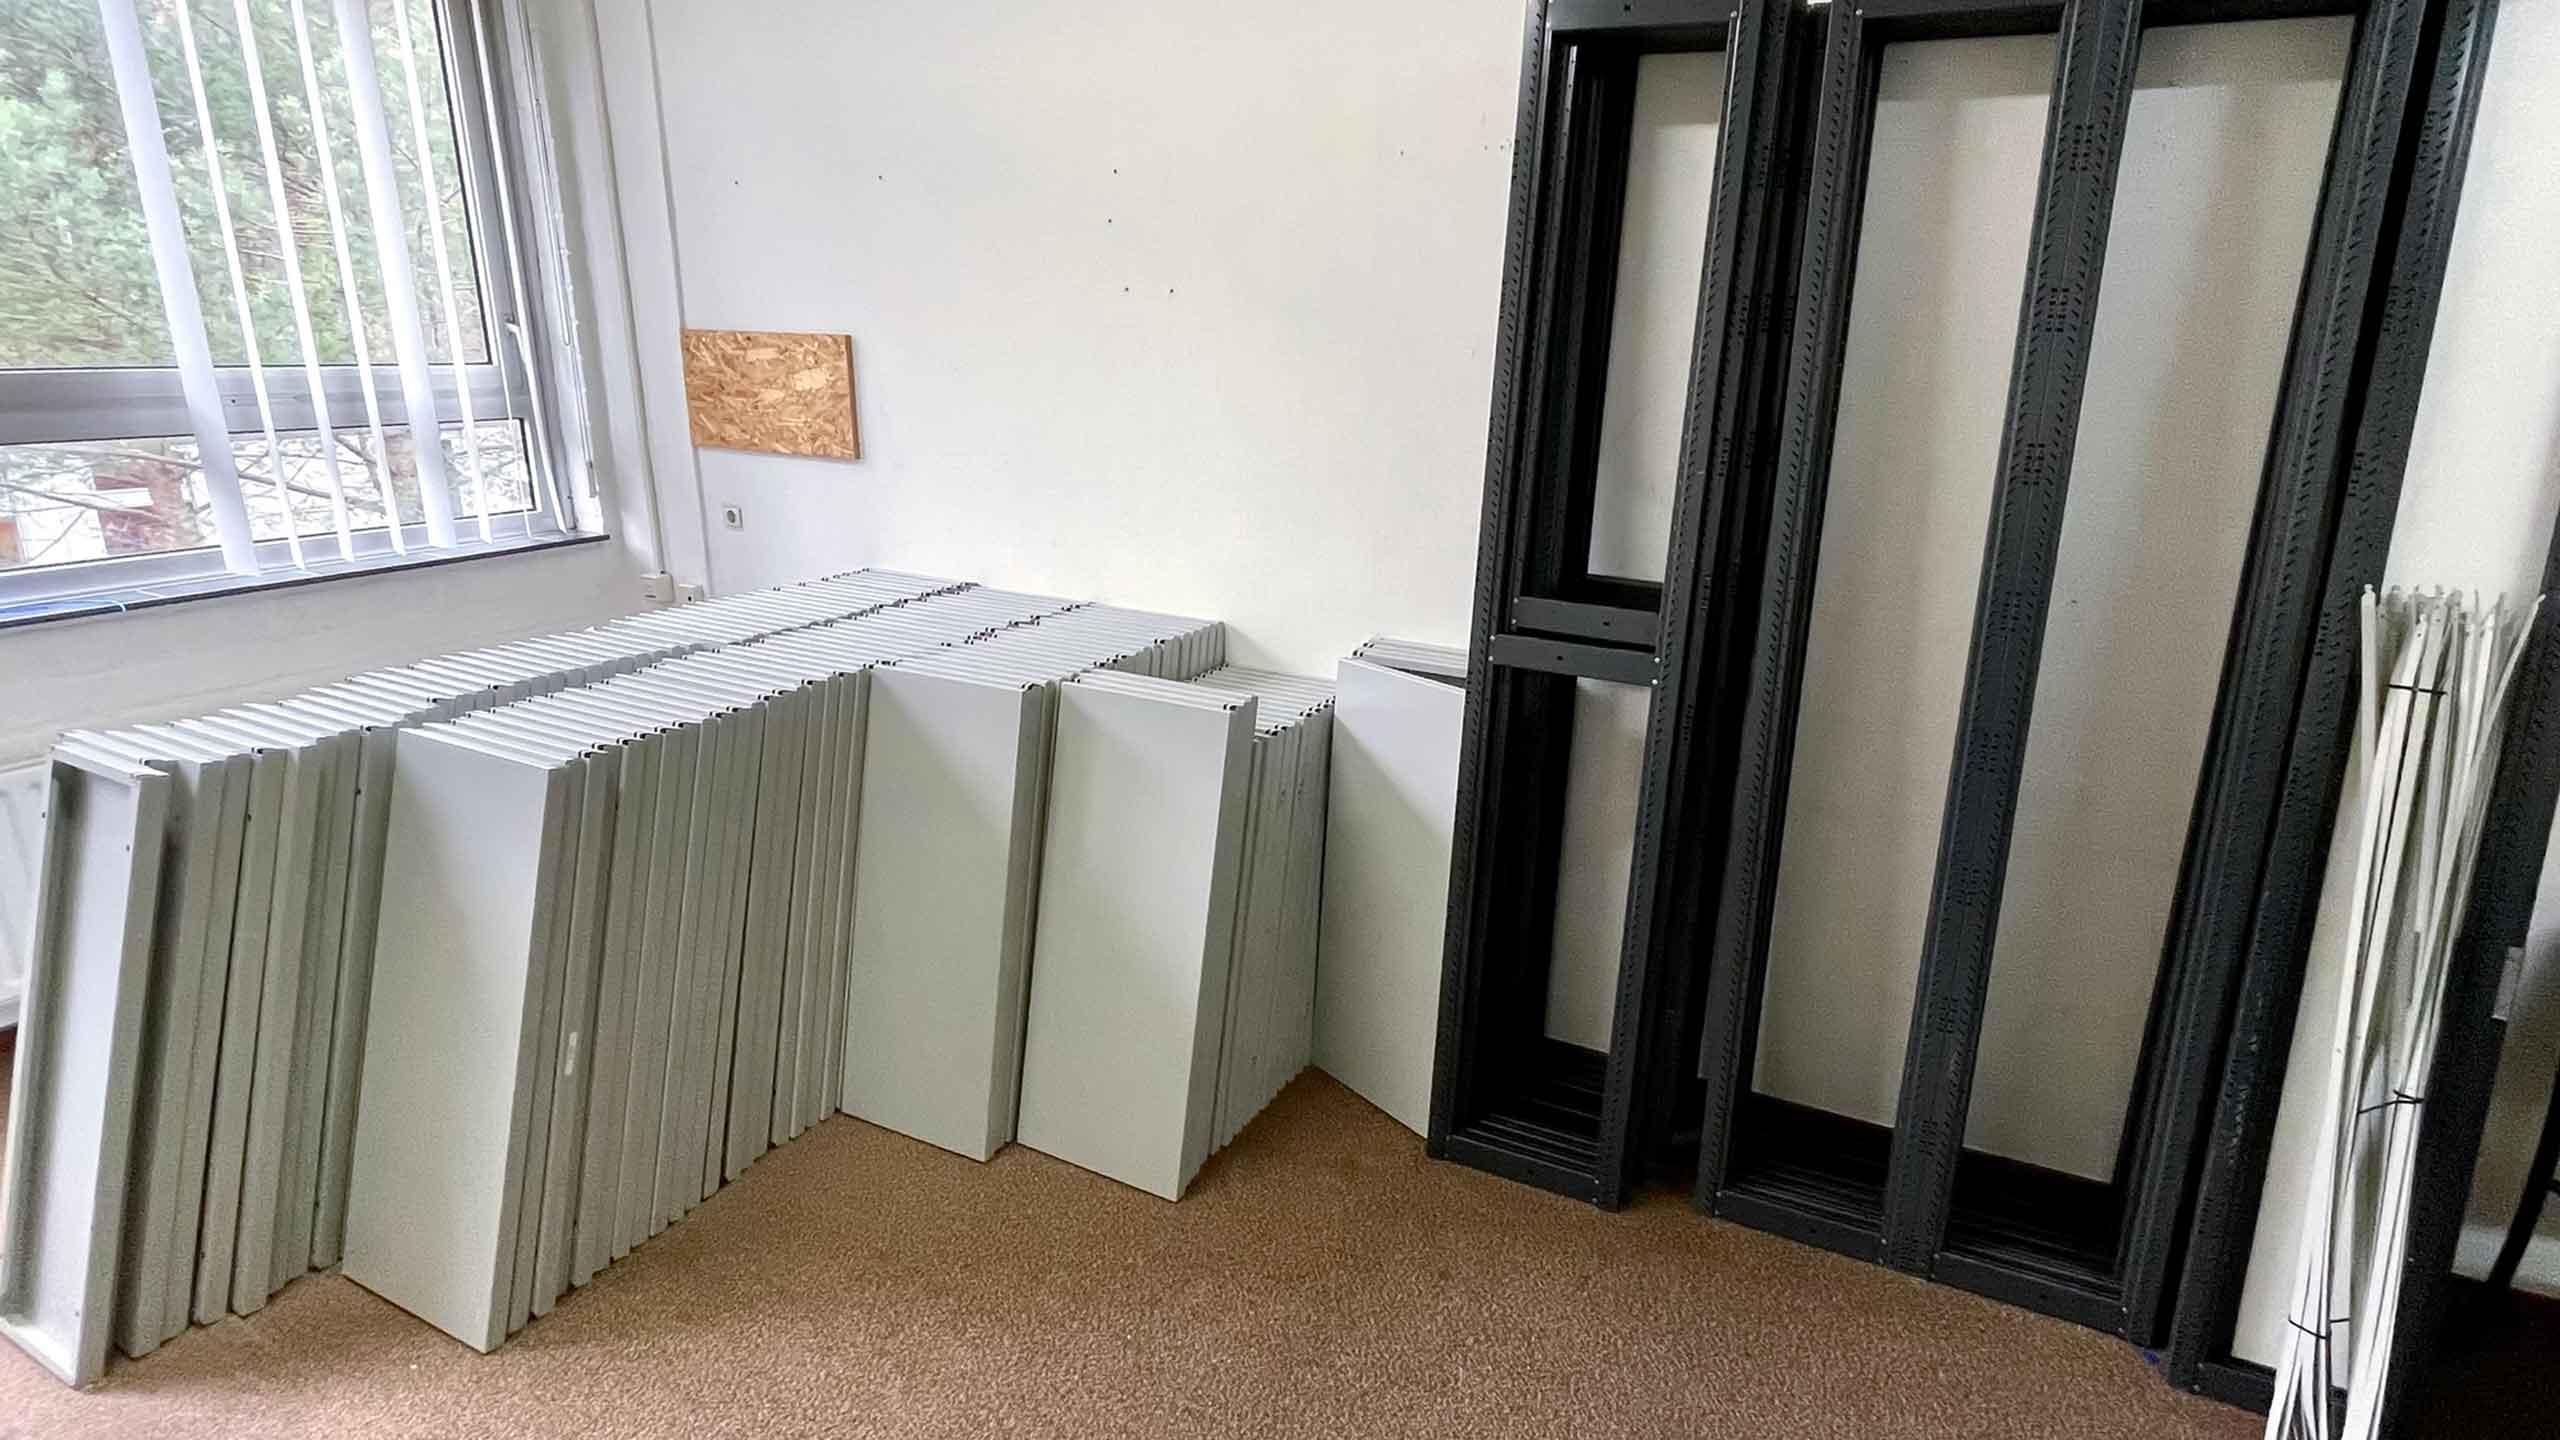 Werkplaats K biedt opslagruimte aan De Boekentuin